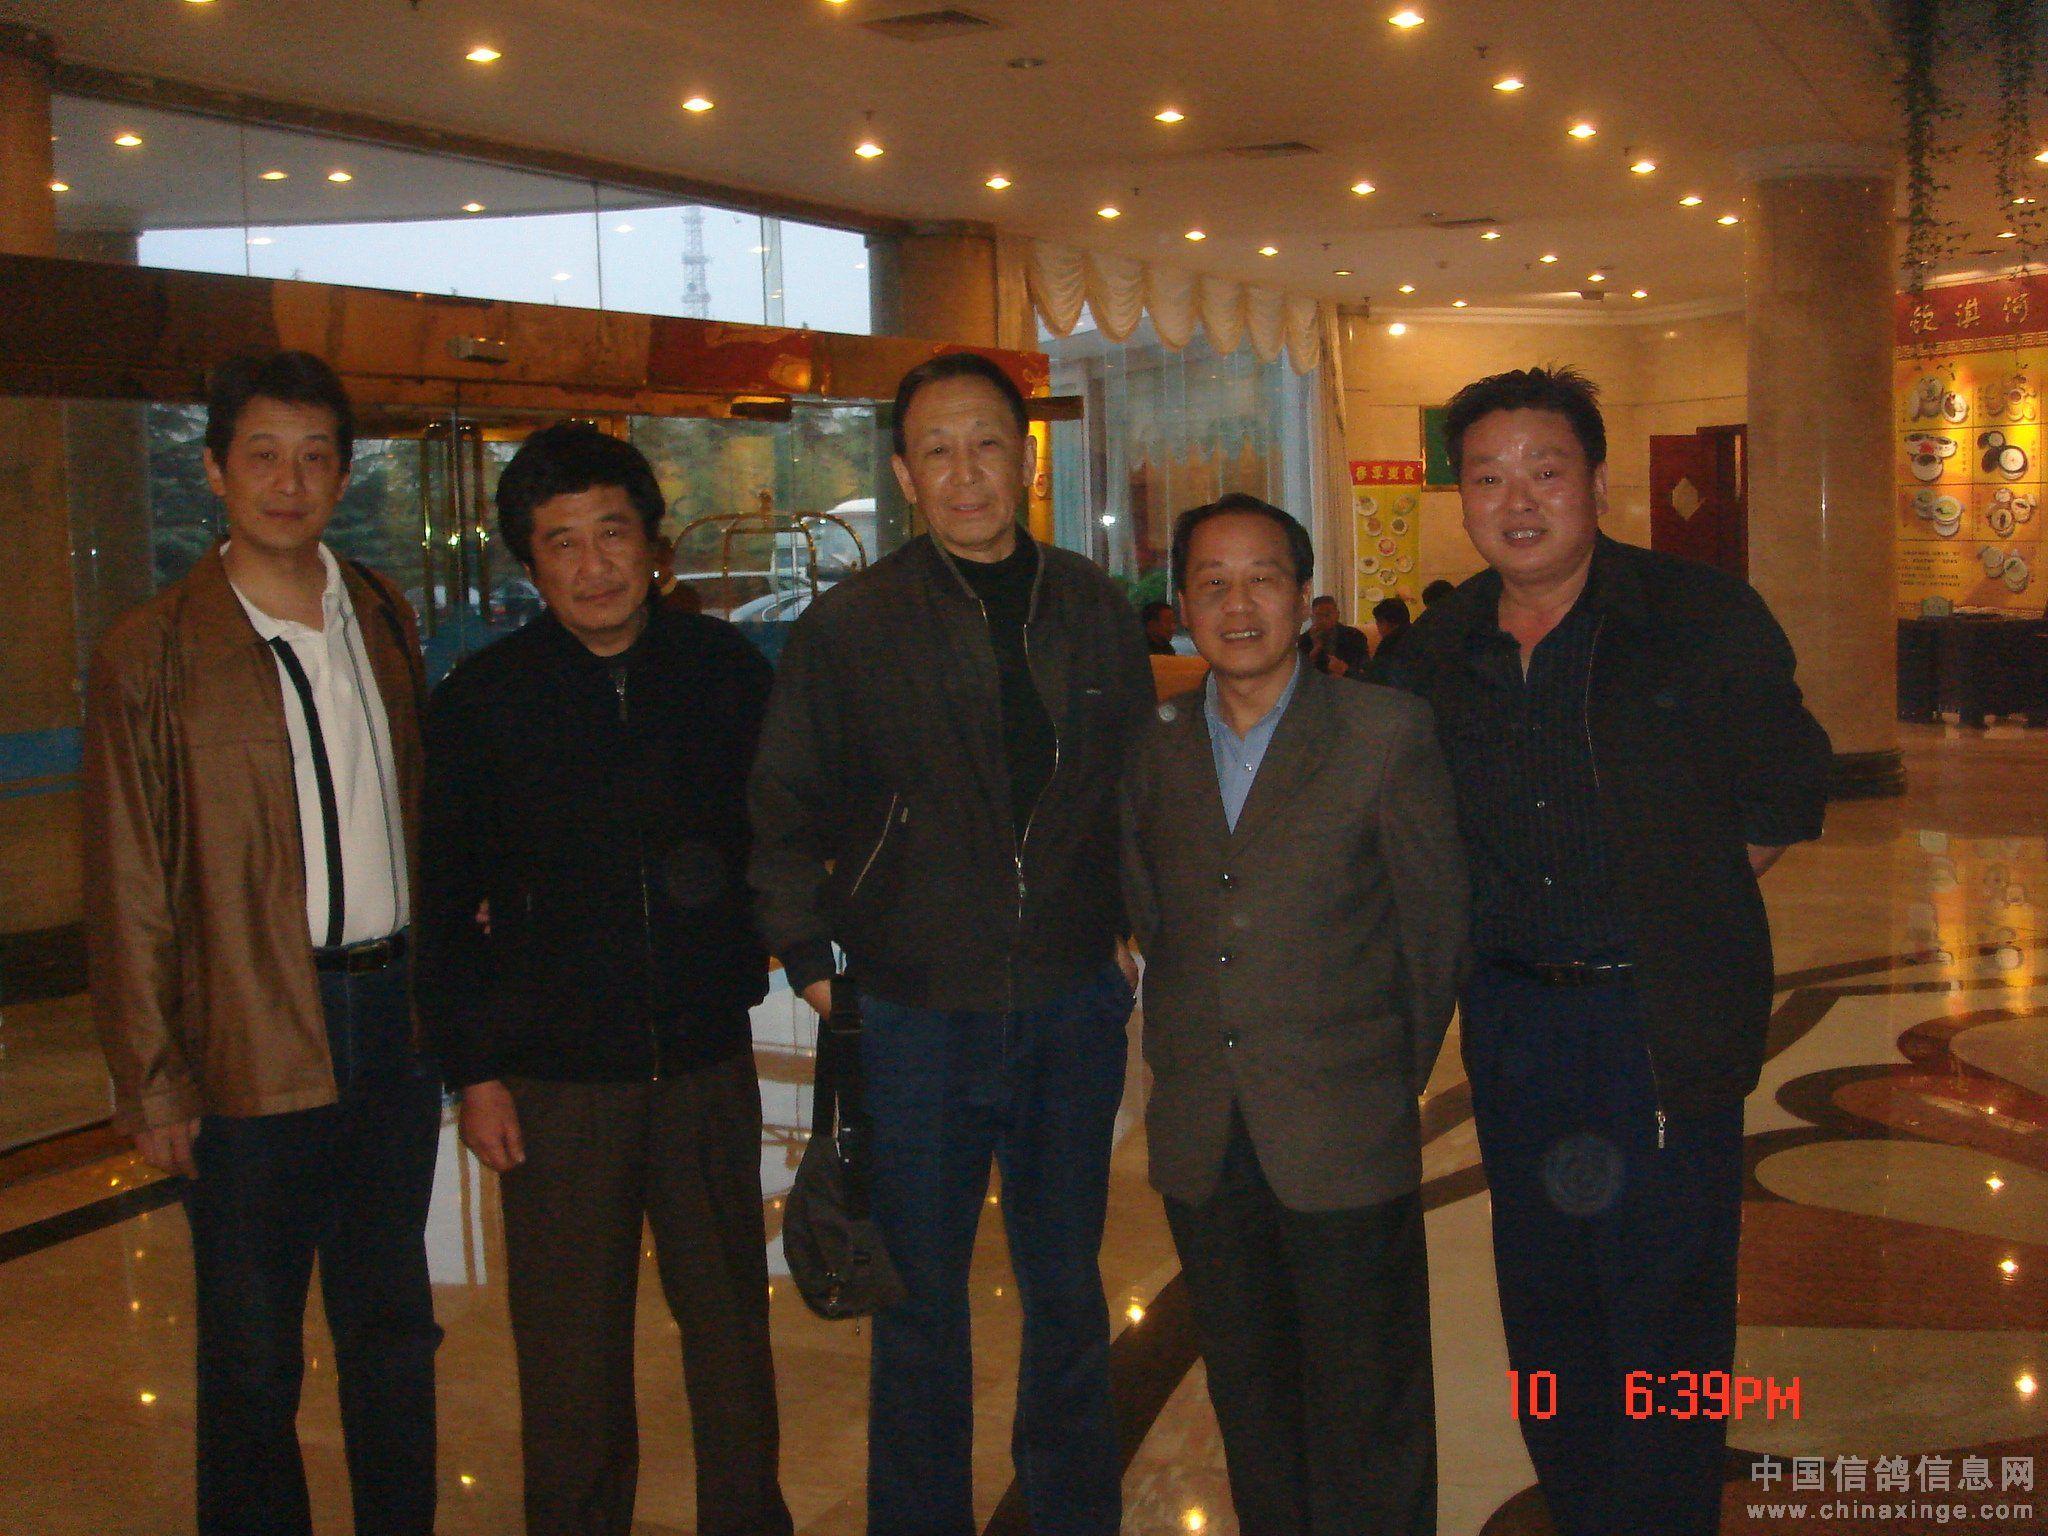 四月十日下午在鹤壁淇河宾馆,我市体育局领导和鸽协领导接待了从北京